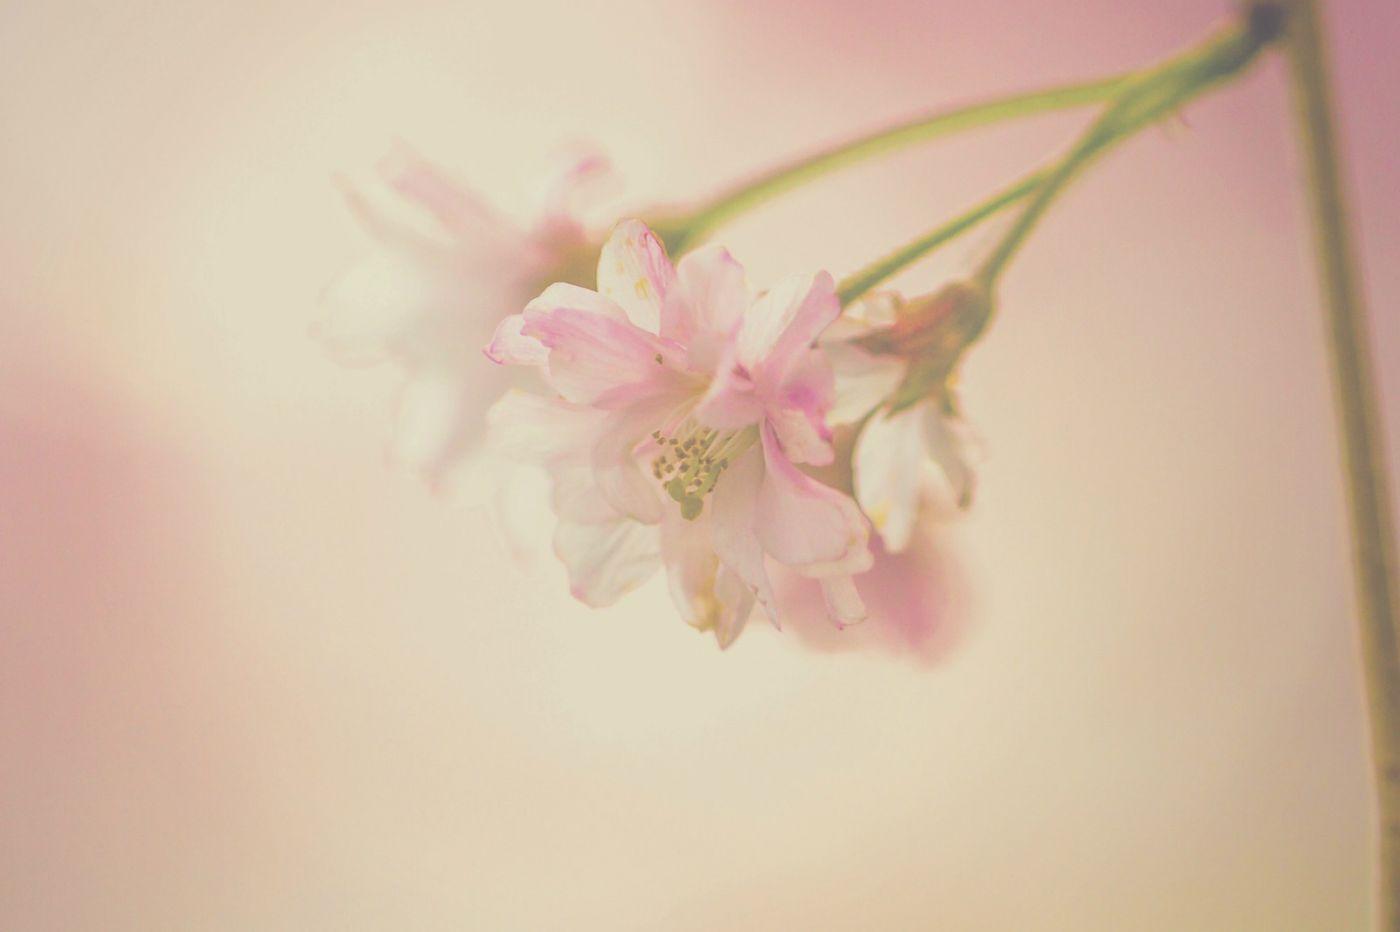 粉红的水嫩的,好看极了_图1-15